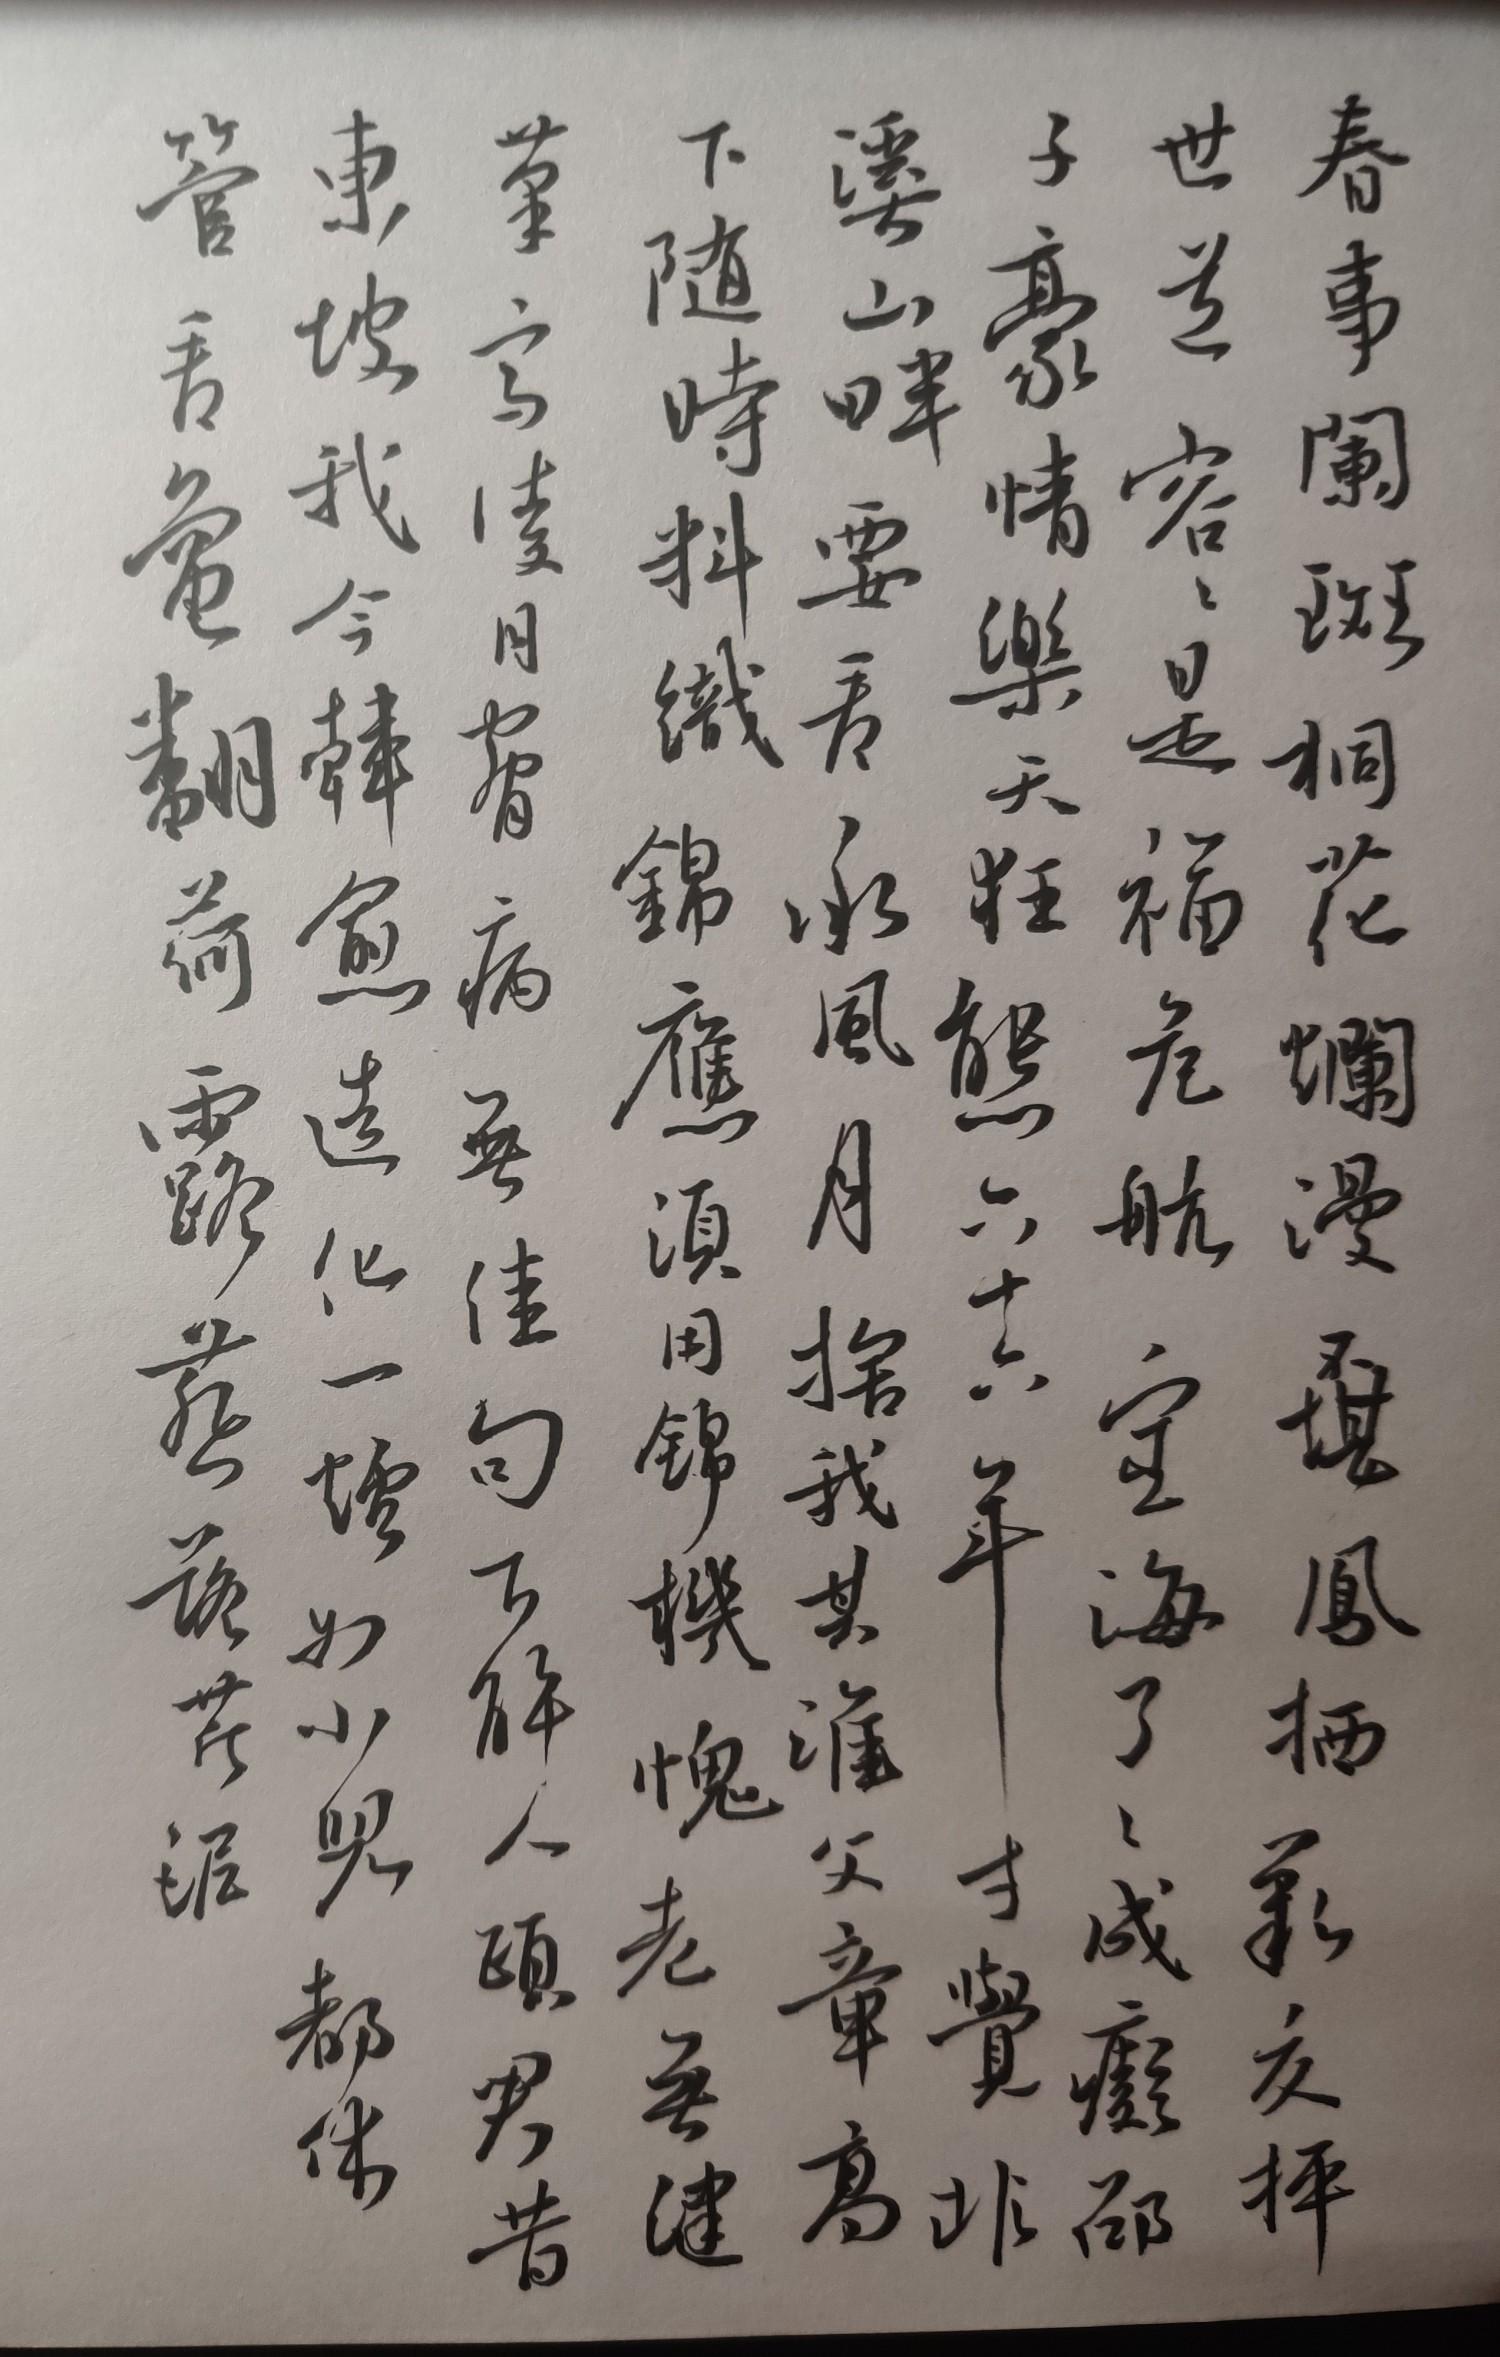 钢笔爱好者练字打卡20210323-18